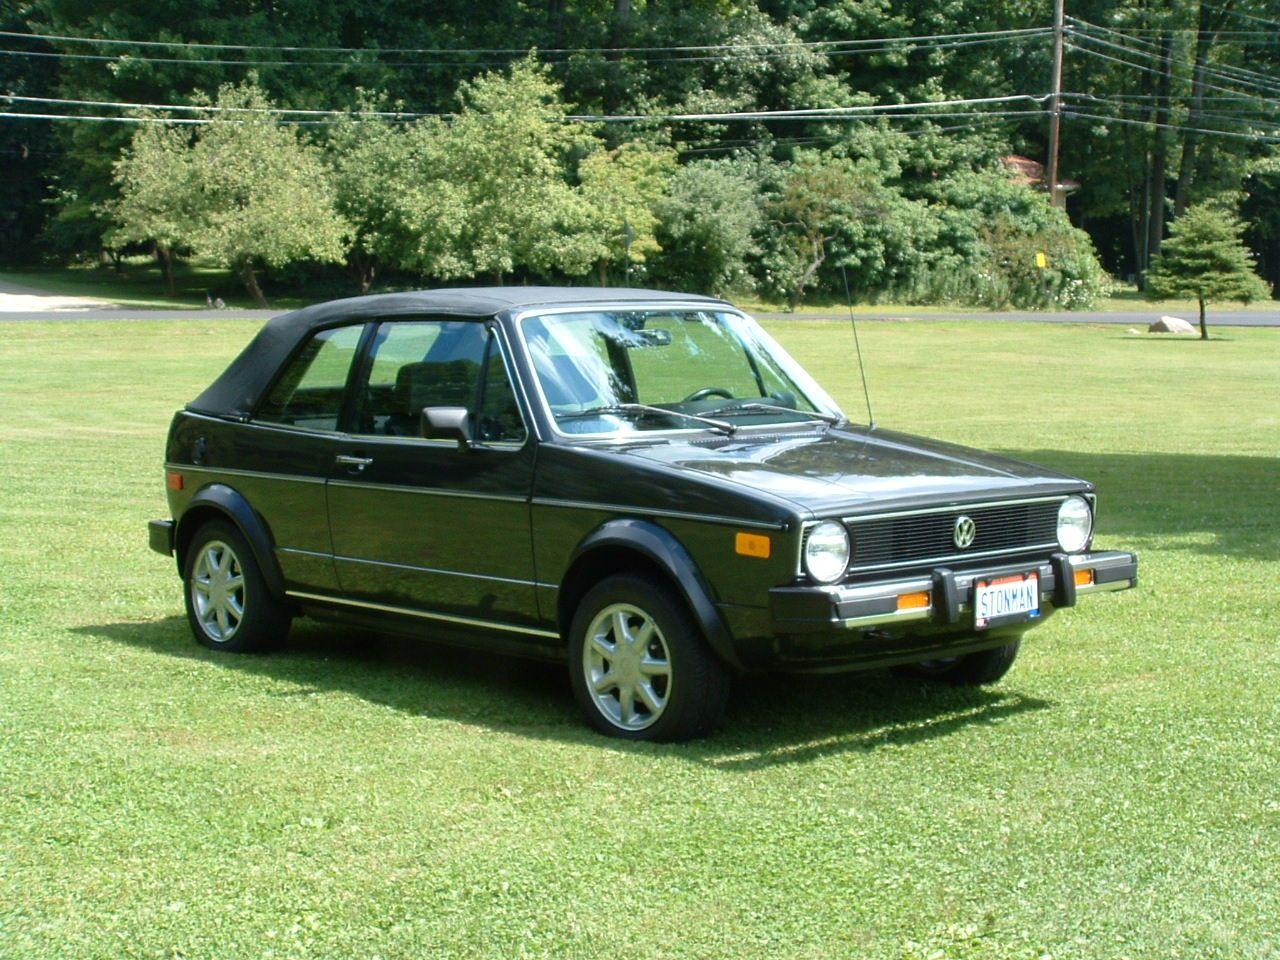 1985 Volkswagen Rabbit